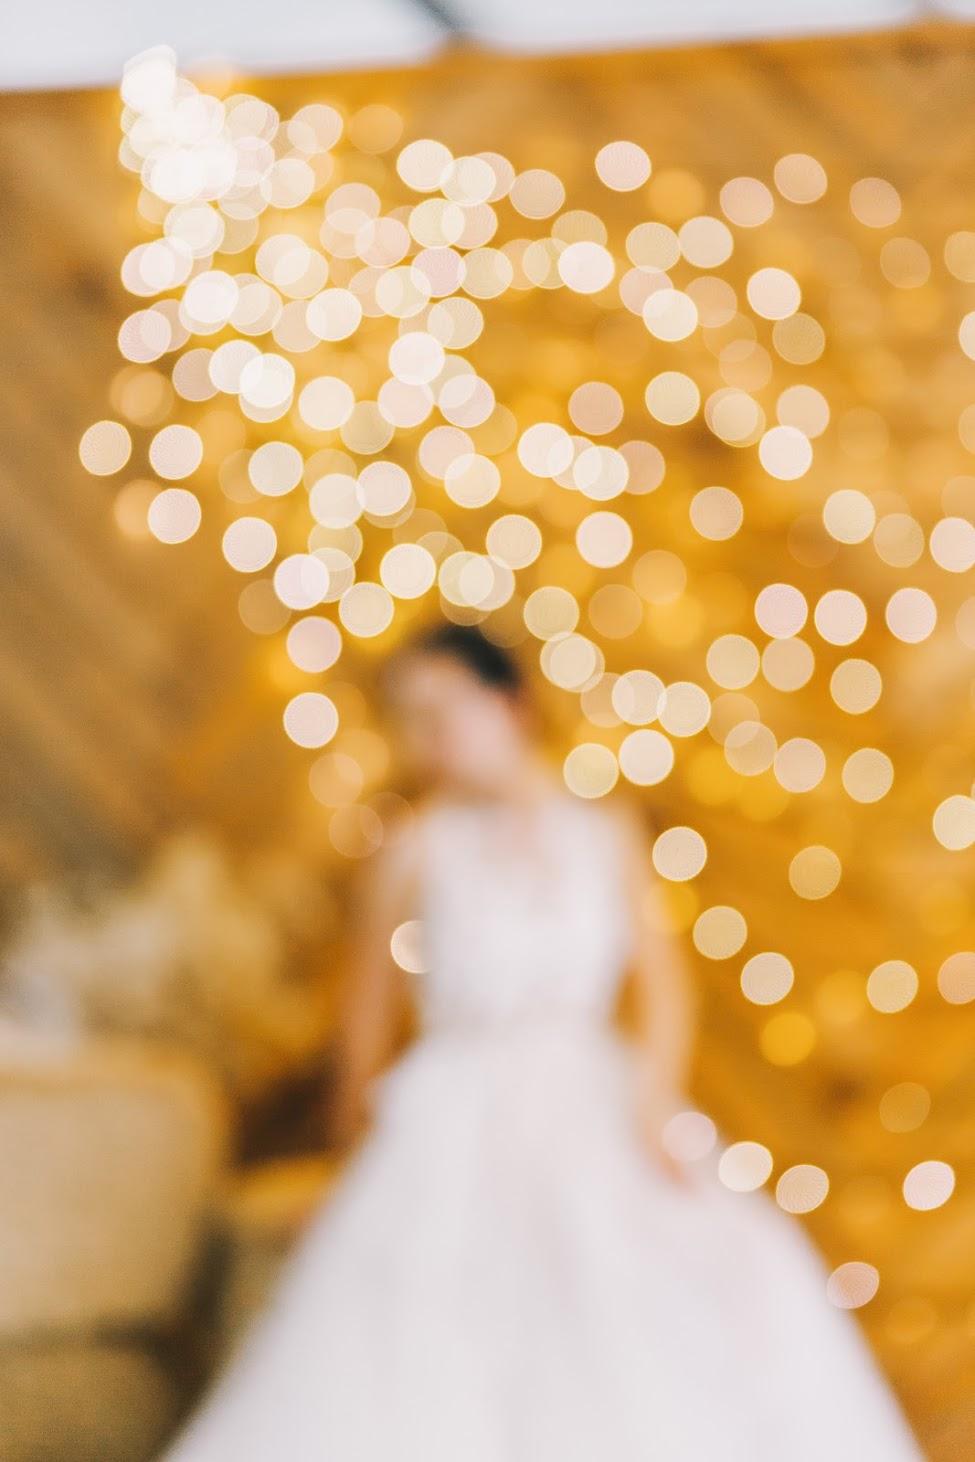 顏氏牧場 婚紗,顏氏牧場 婚禮,顏氏牧場 婚禮紀錄,美式婚禮紀錄,美式婚紗,AG婚紗,Amazing Grace 婚紗,台中自助婚紗